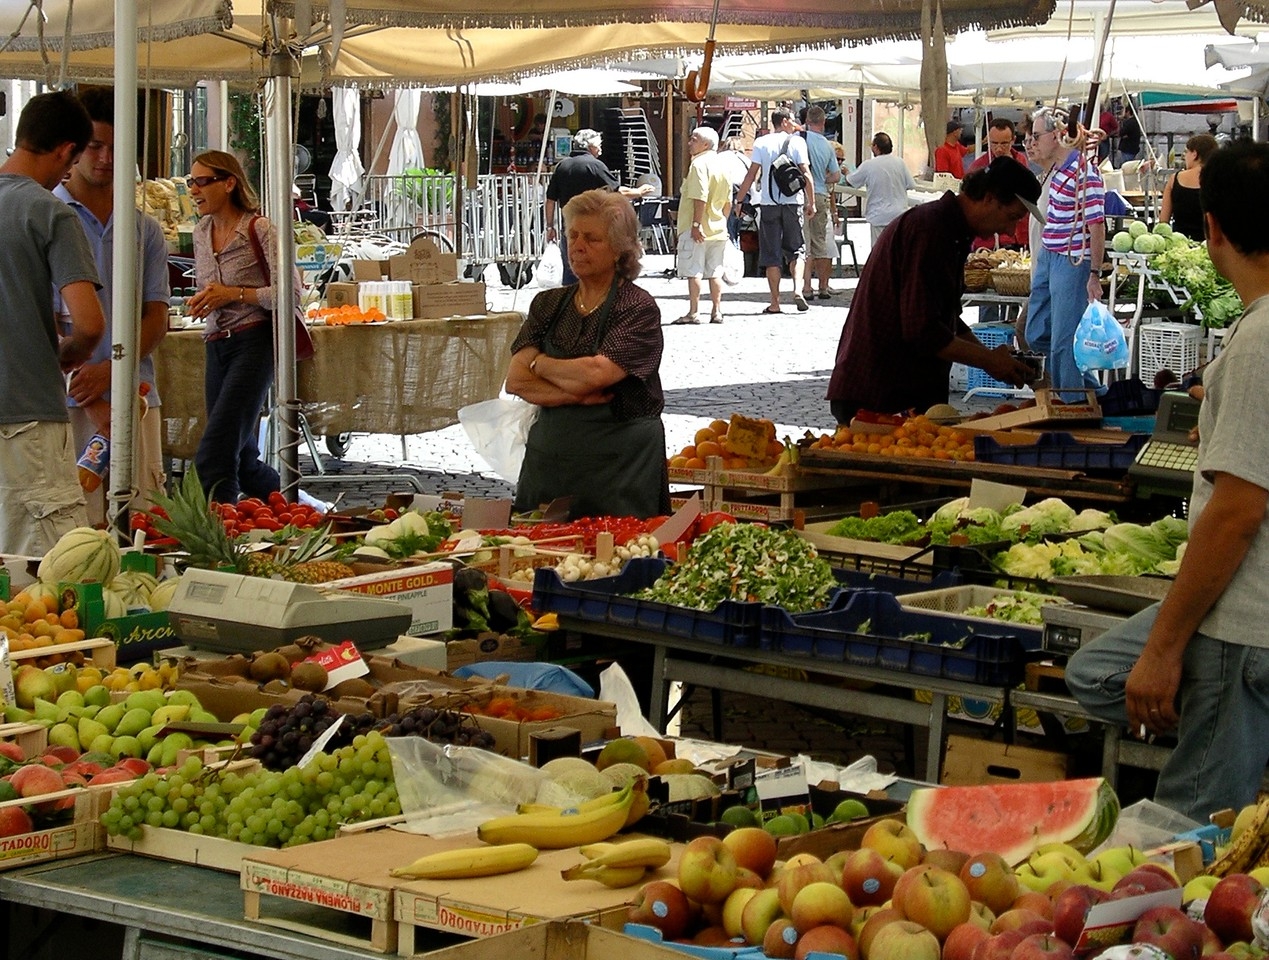 Roman market